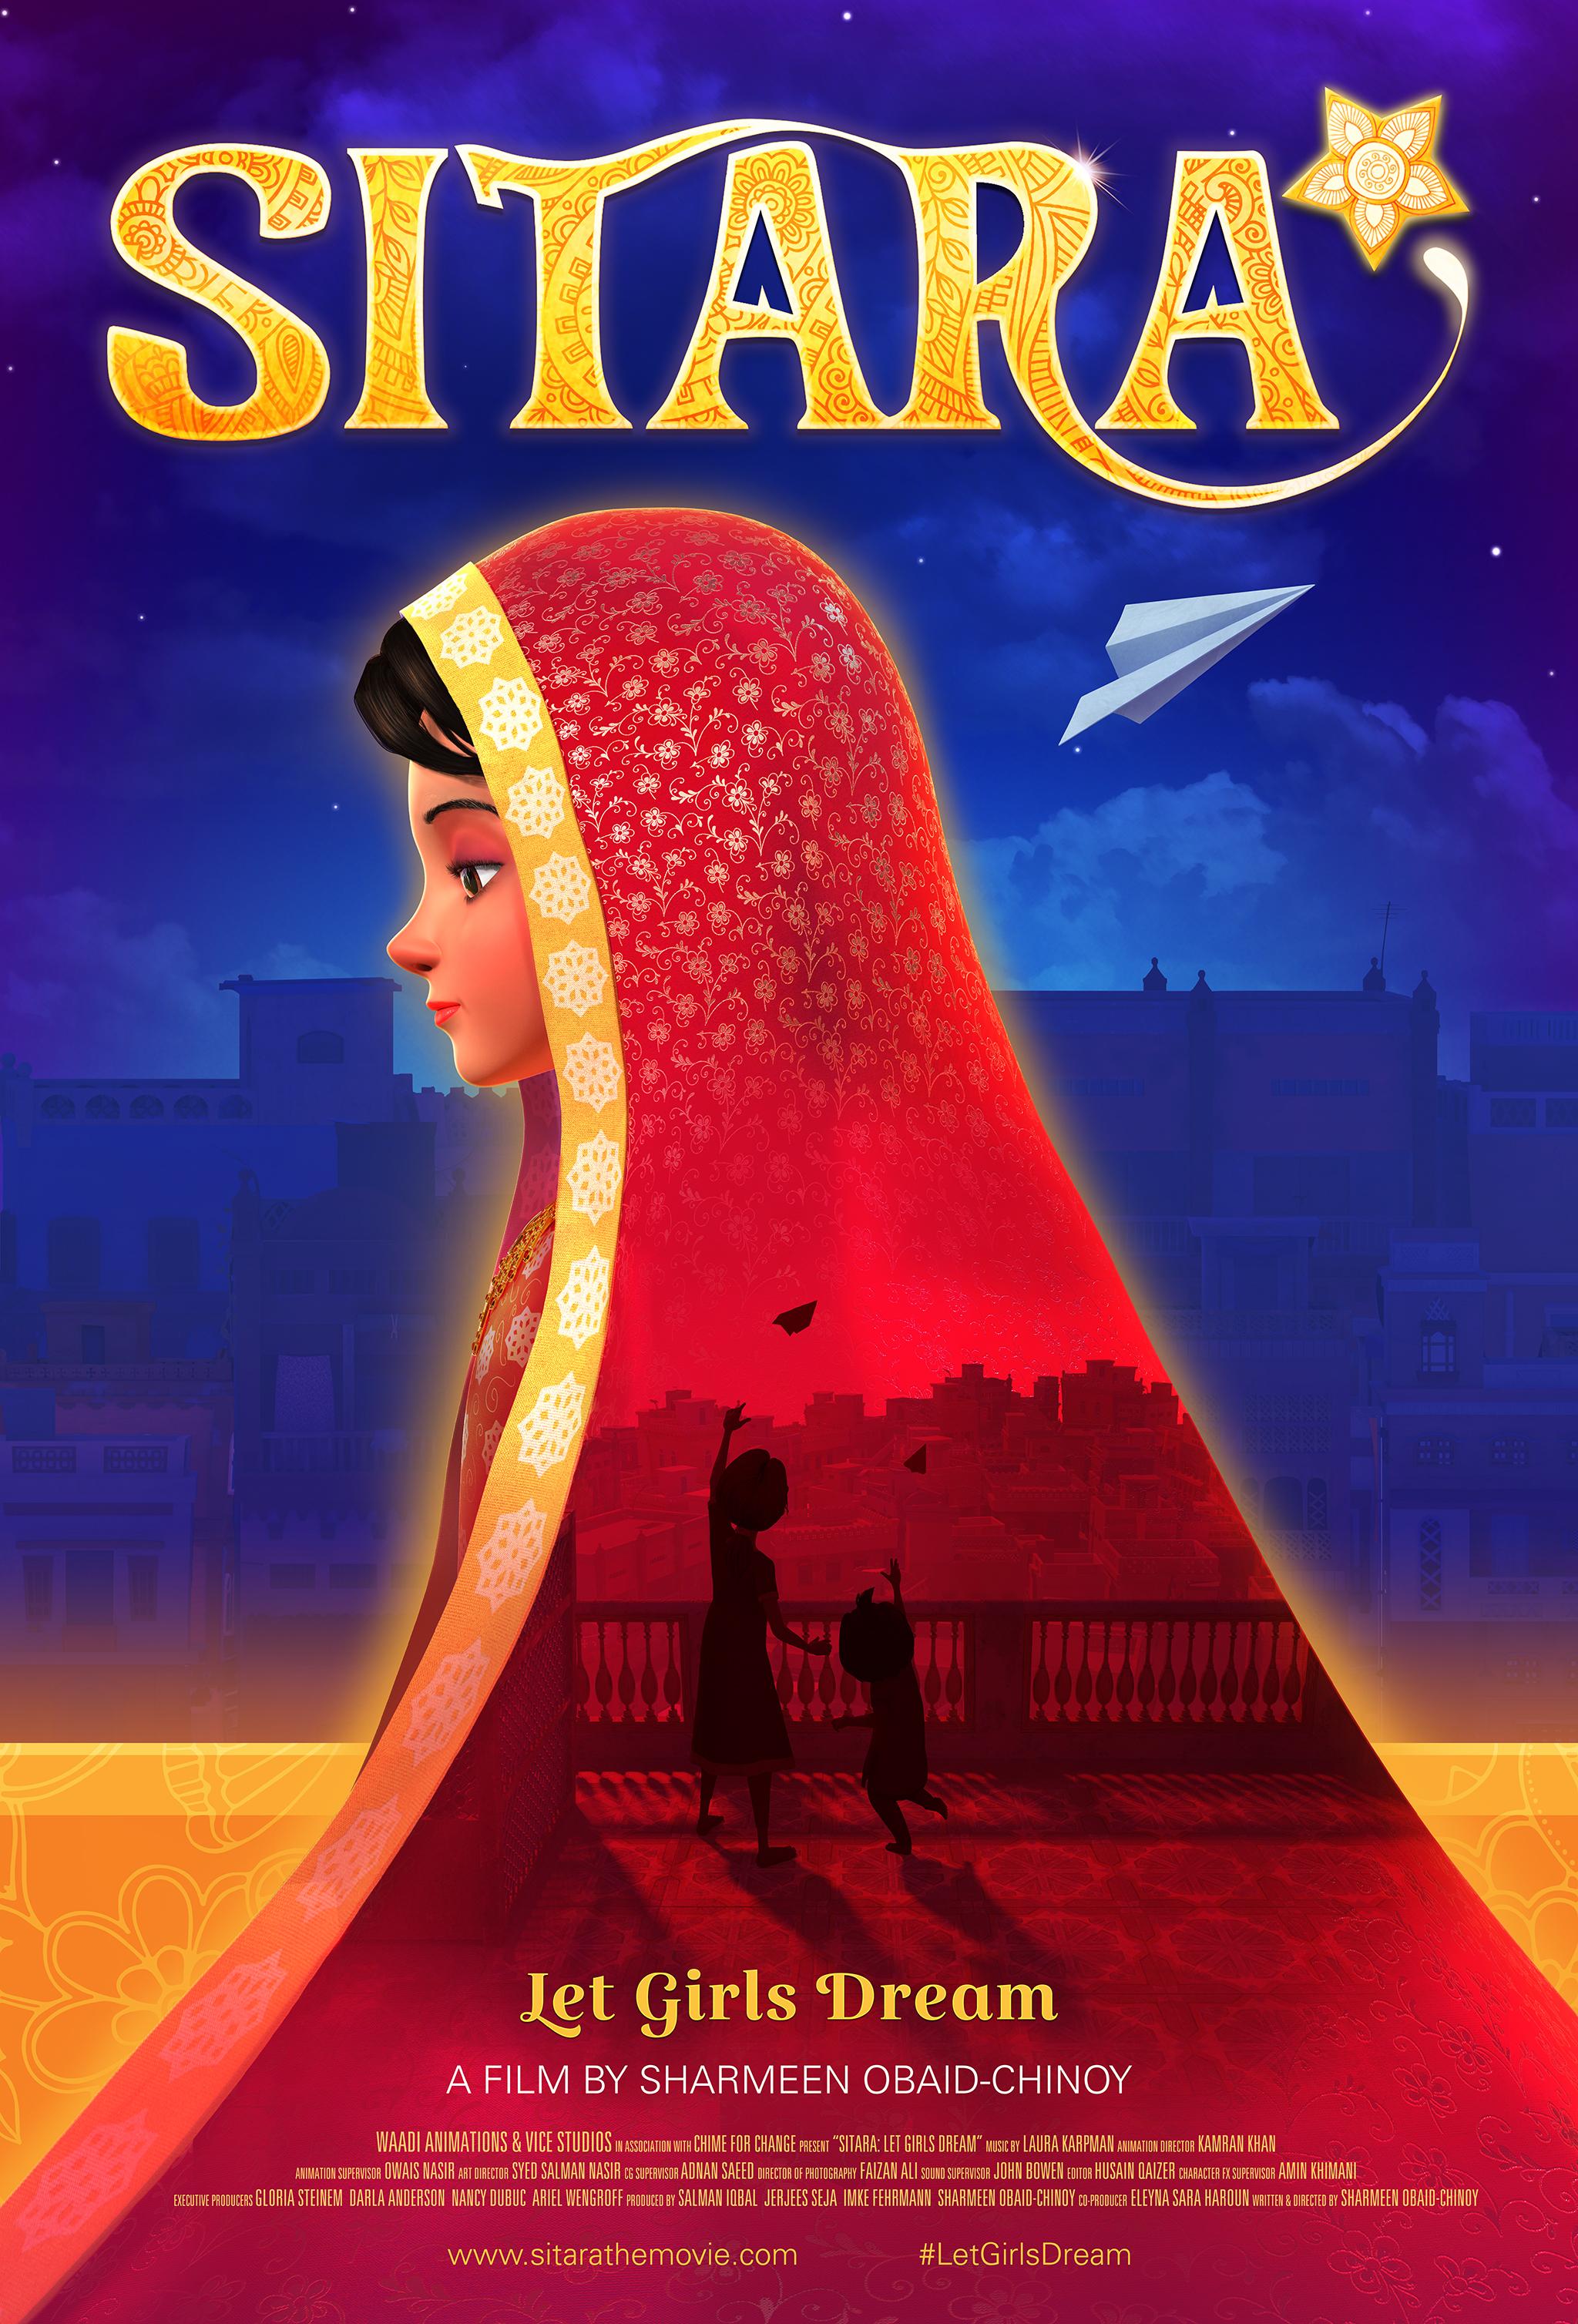 Sitara Let Girls Dream (2020) ขอให้สาวน้อยได้ฝันถึงดวงดาว